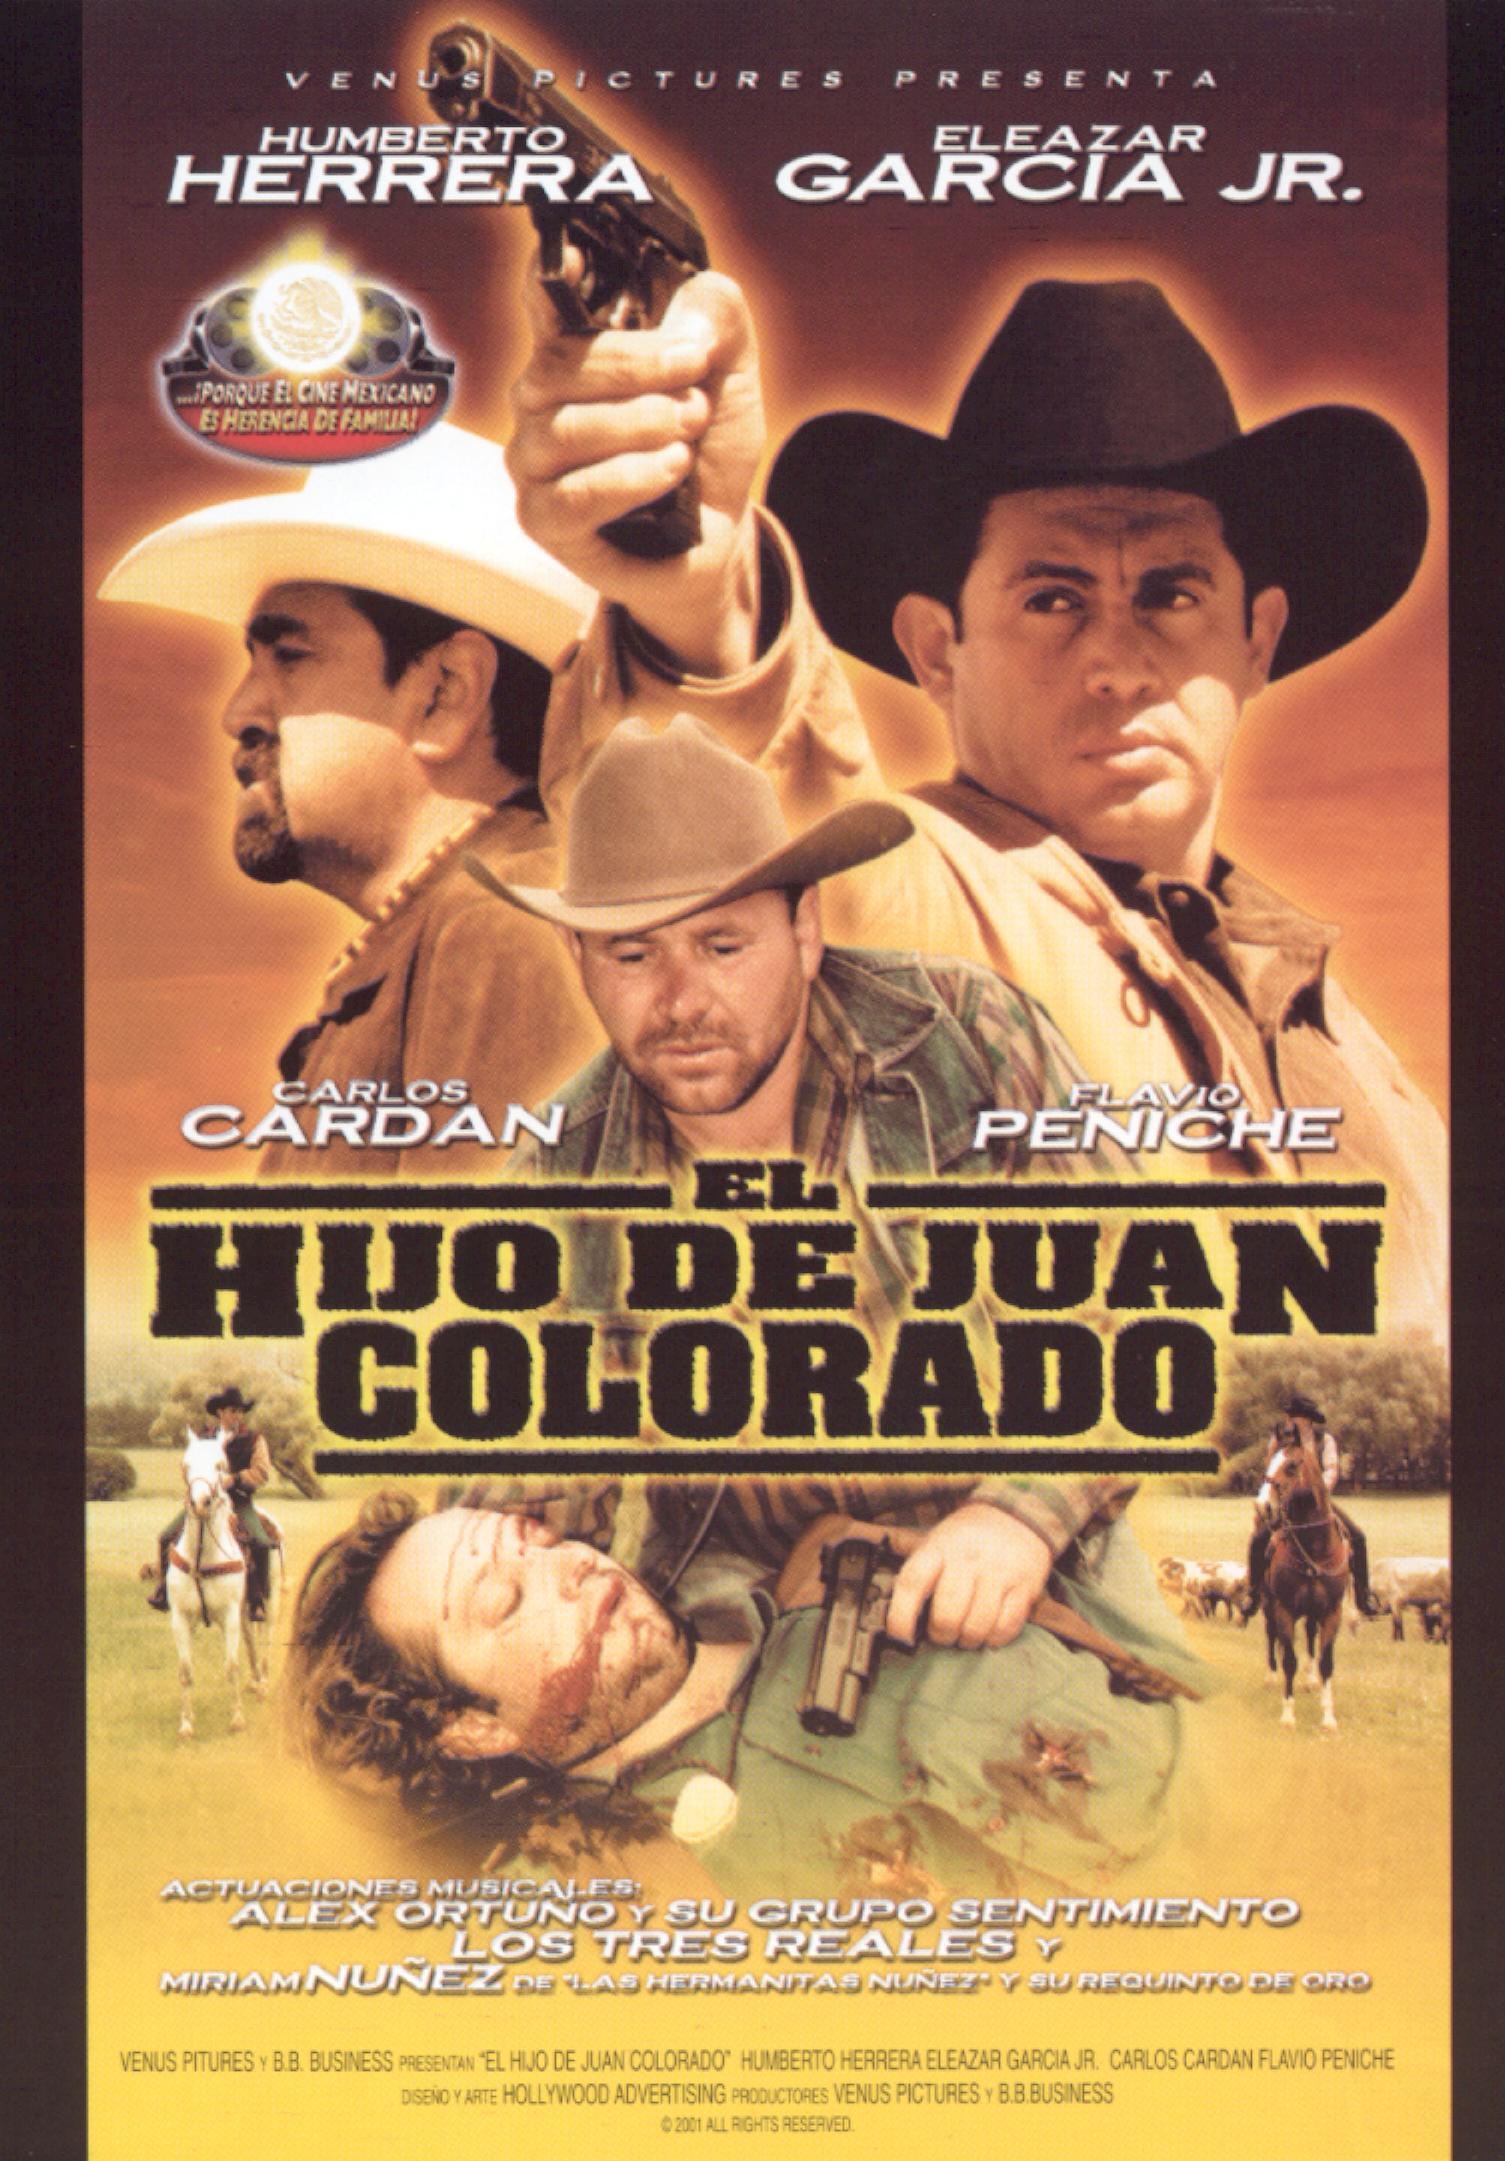 El Hijo de Juan Colorado